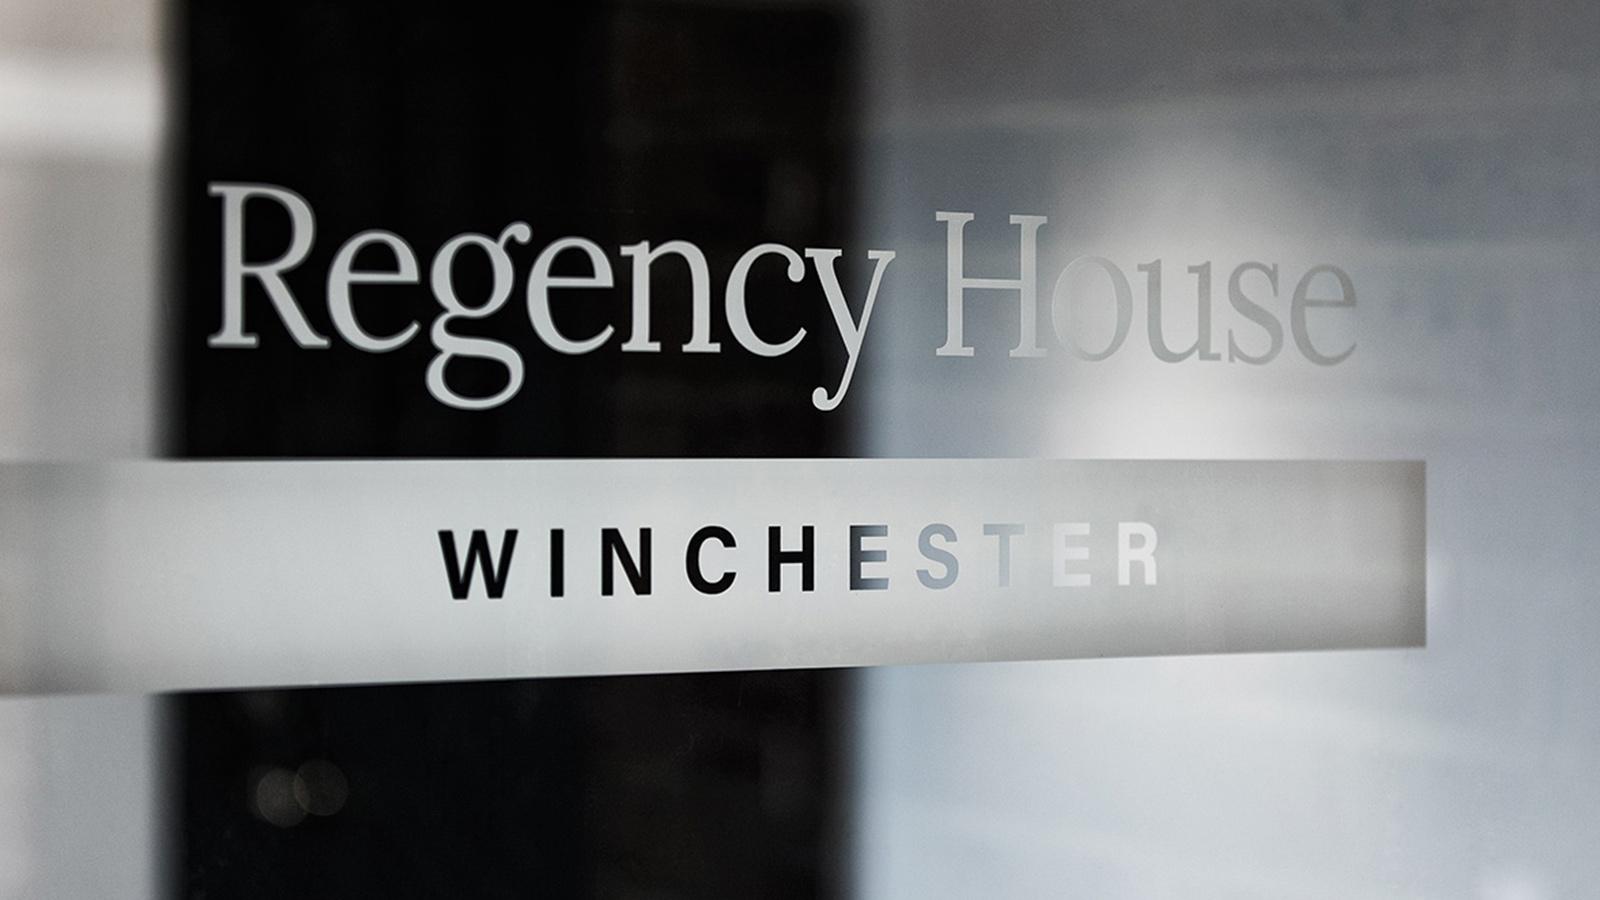 Branding-and-marketing-ALSO_Agency-Regency-House-01.jpg